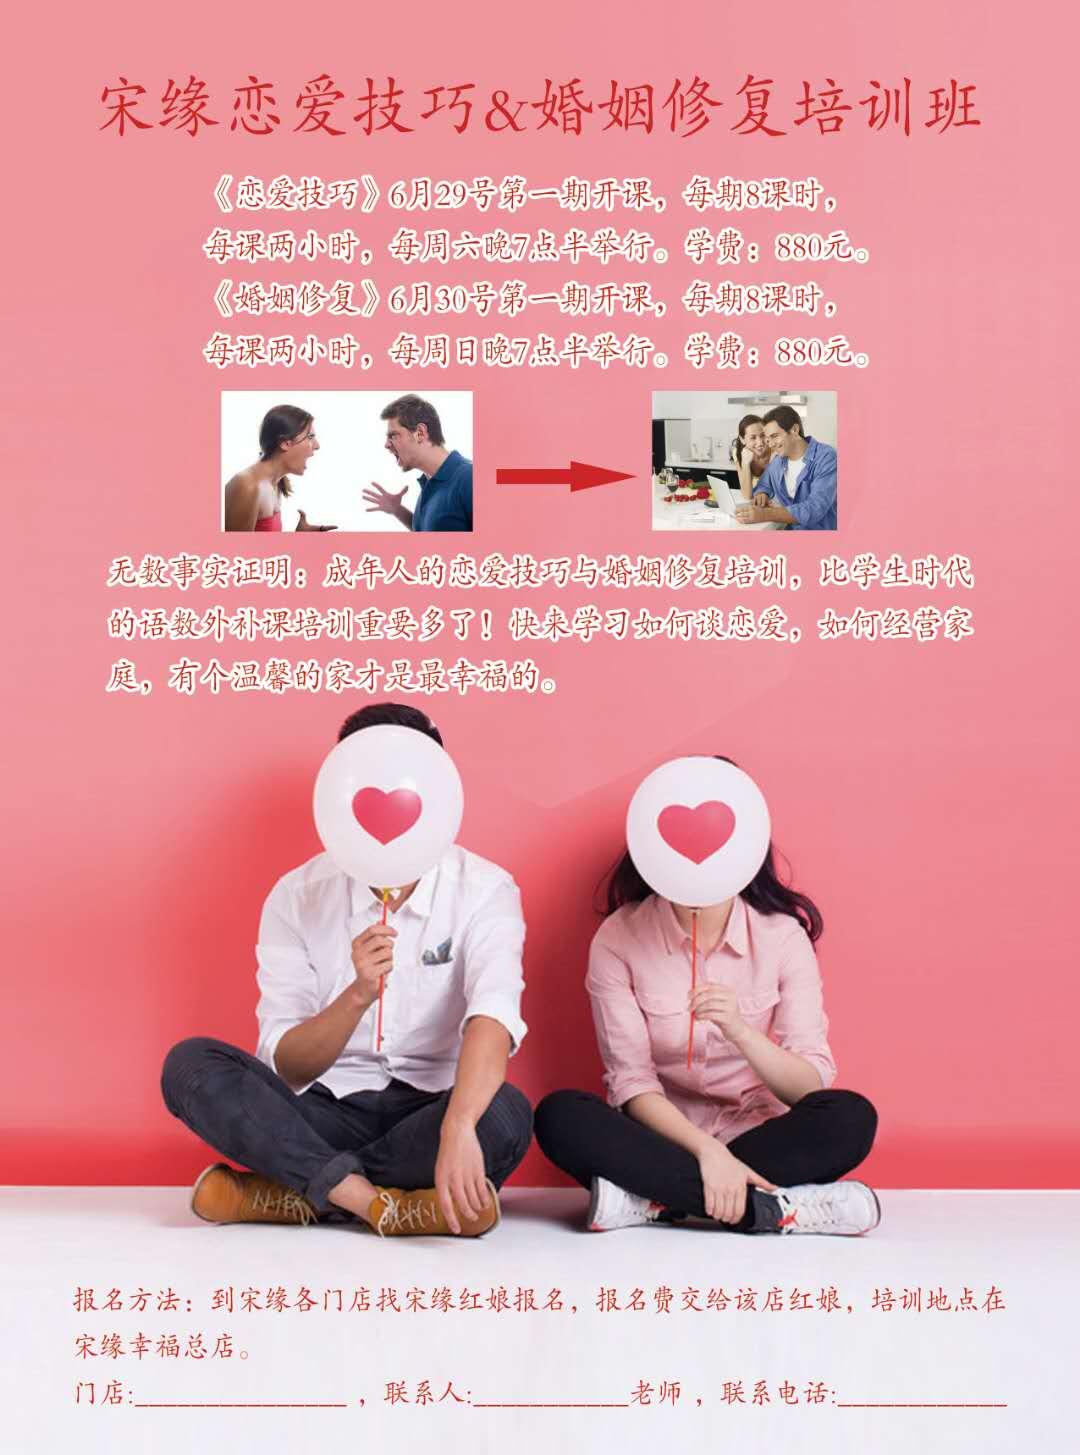 恋爱技巧&婚姻修复培训班招生了